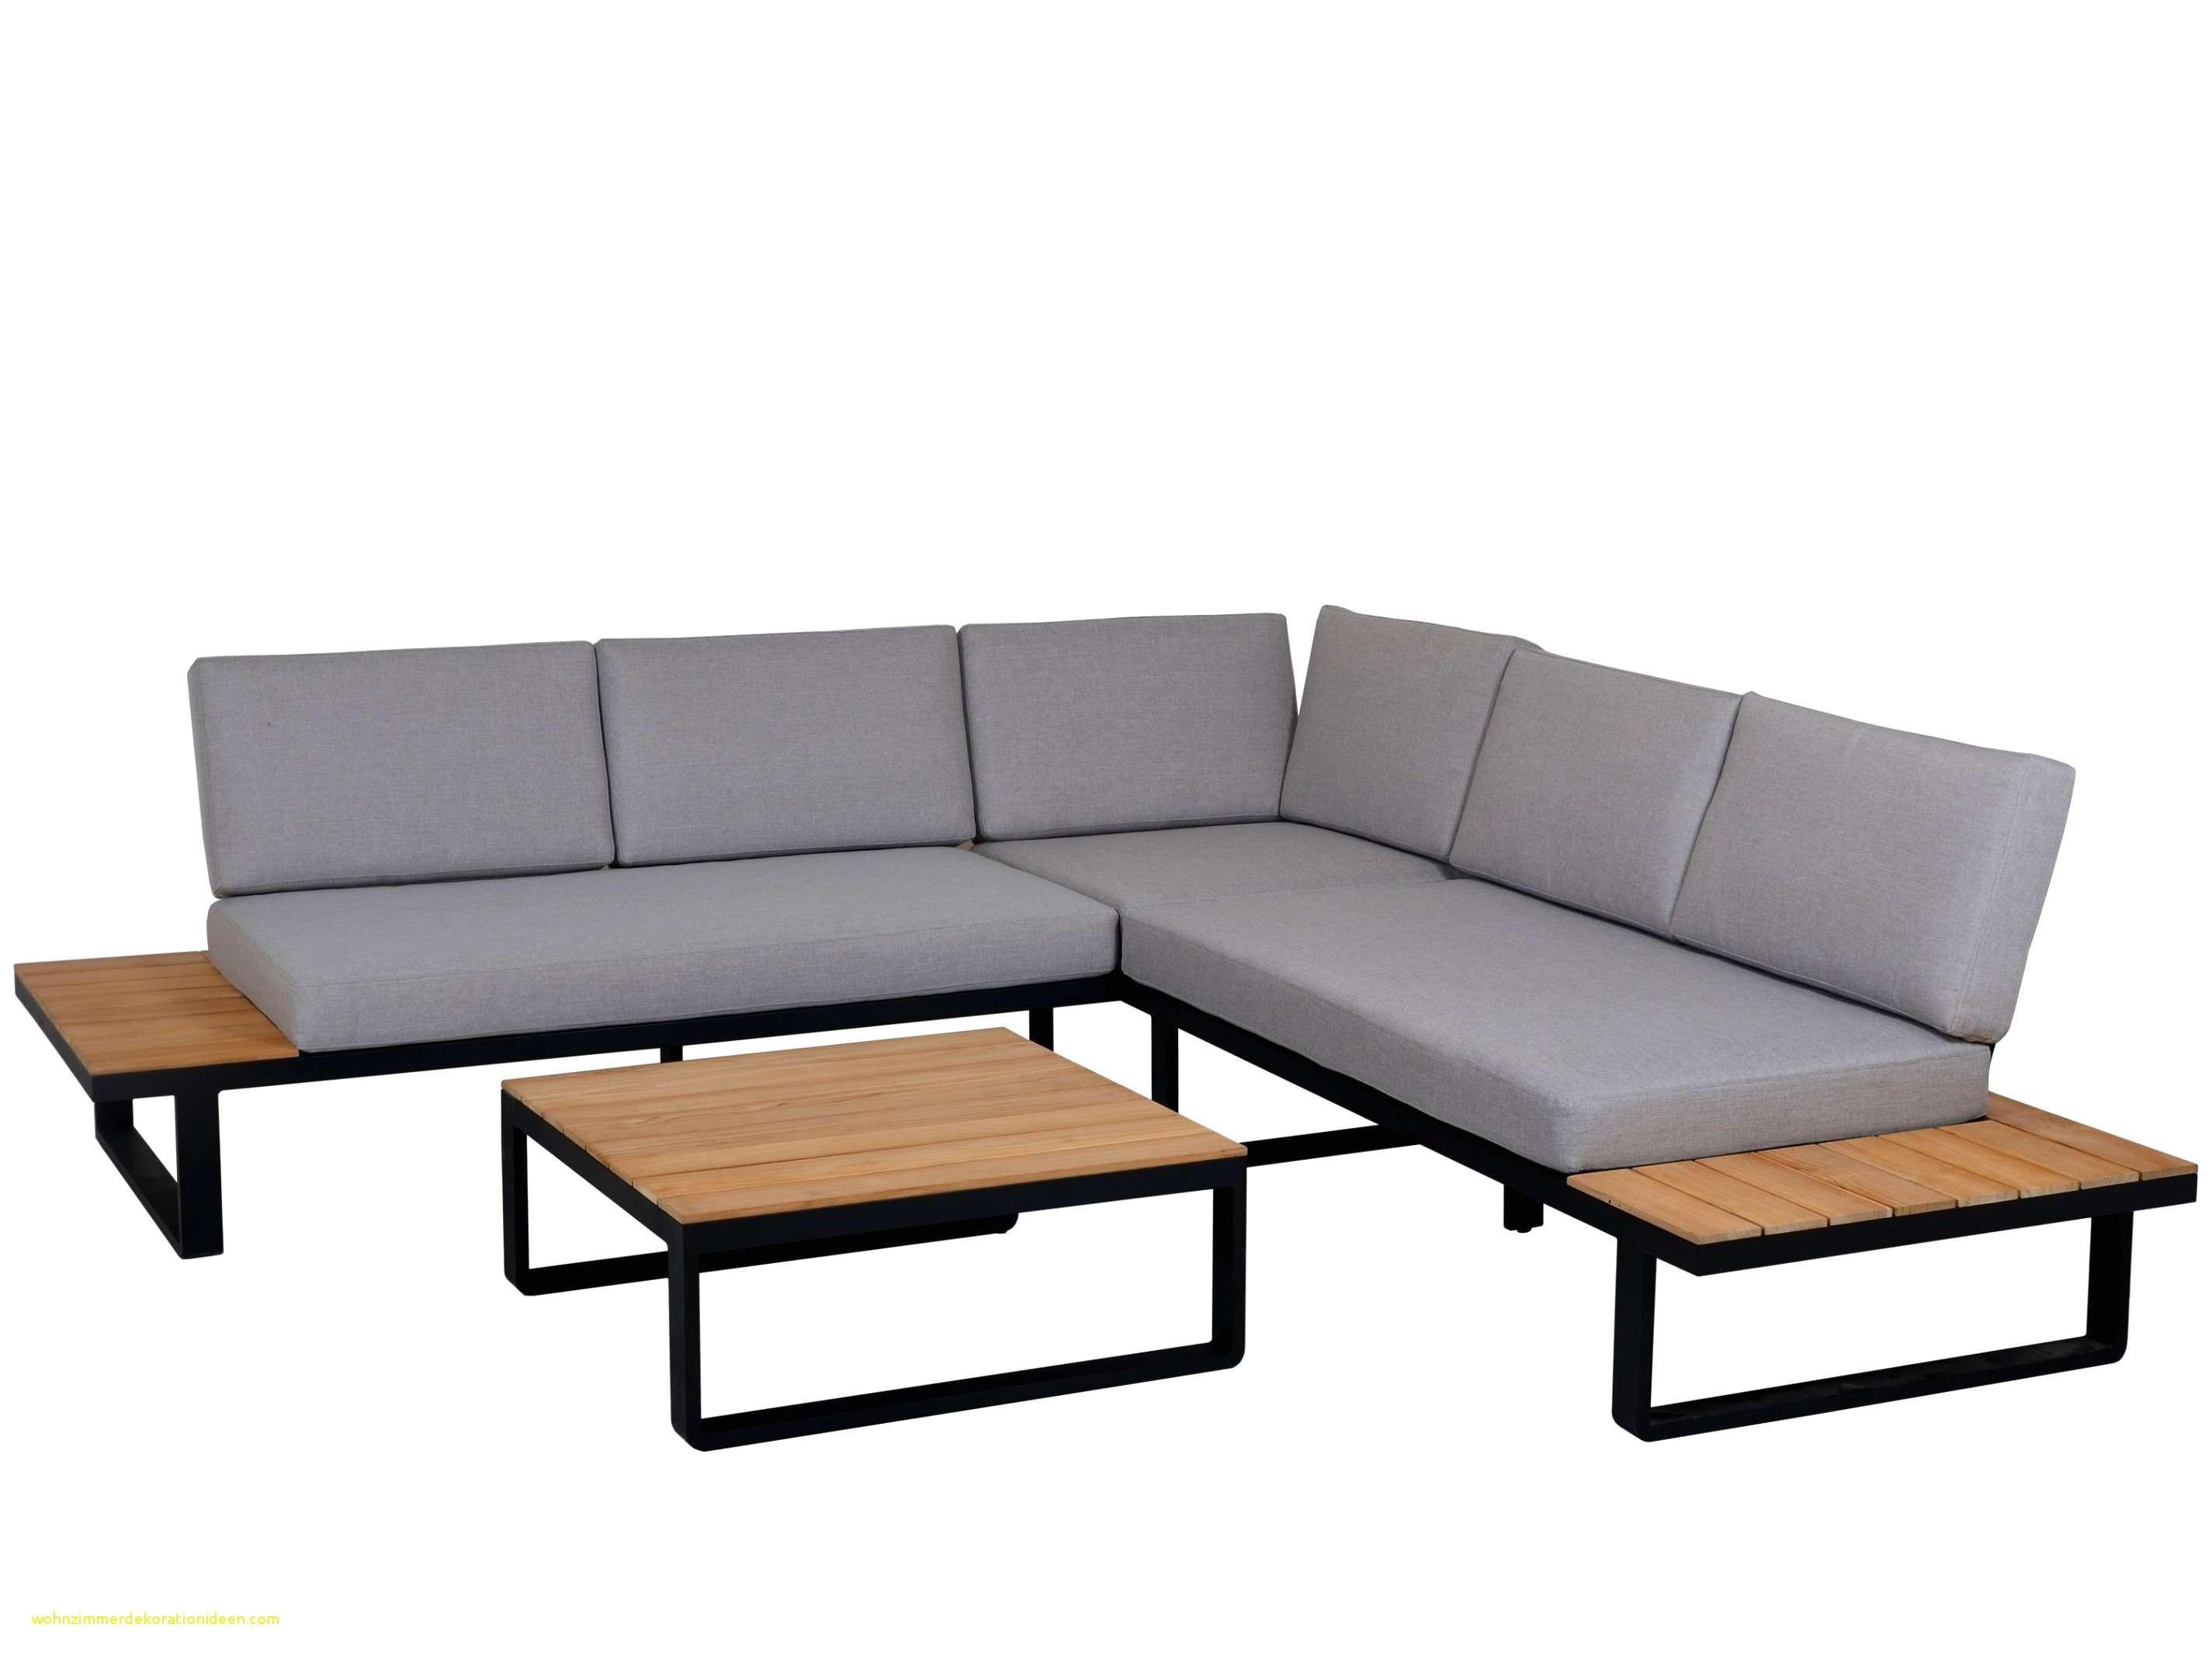 diy schlafsofa einzigartig bett mit sofa neu sofa launge luxury schon lounge bett 0d archives galerie